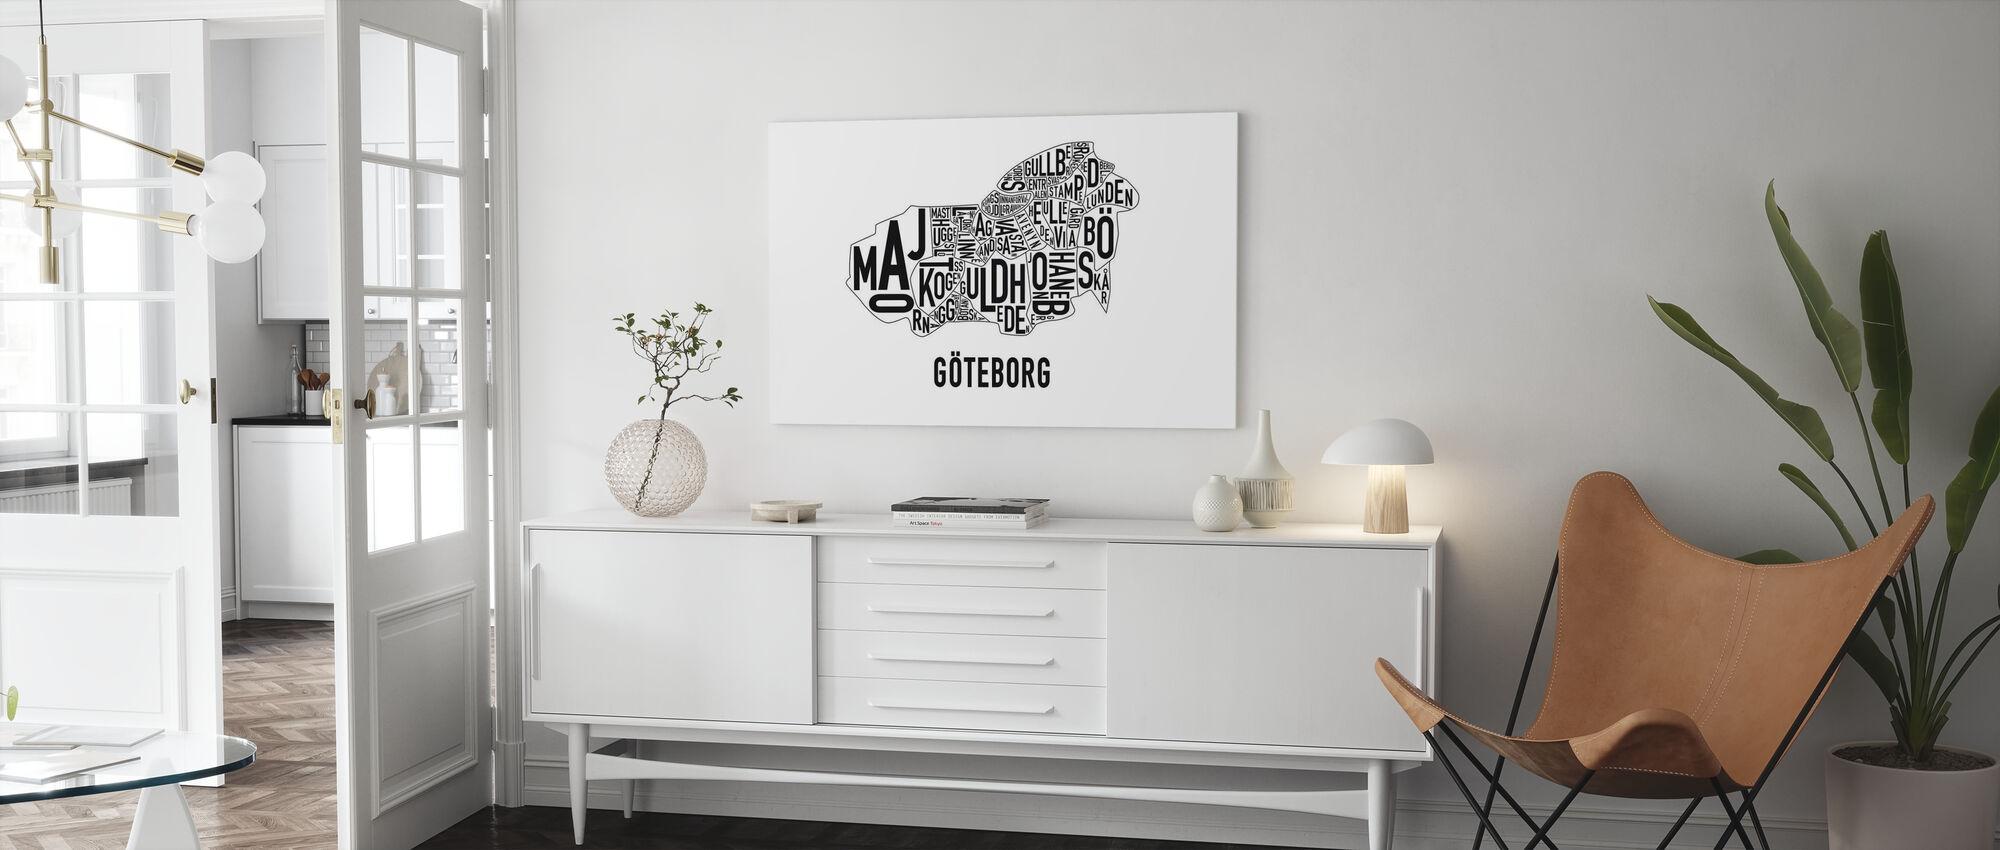 Göteborg - Leinwandbild - Wohnzimmer